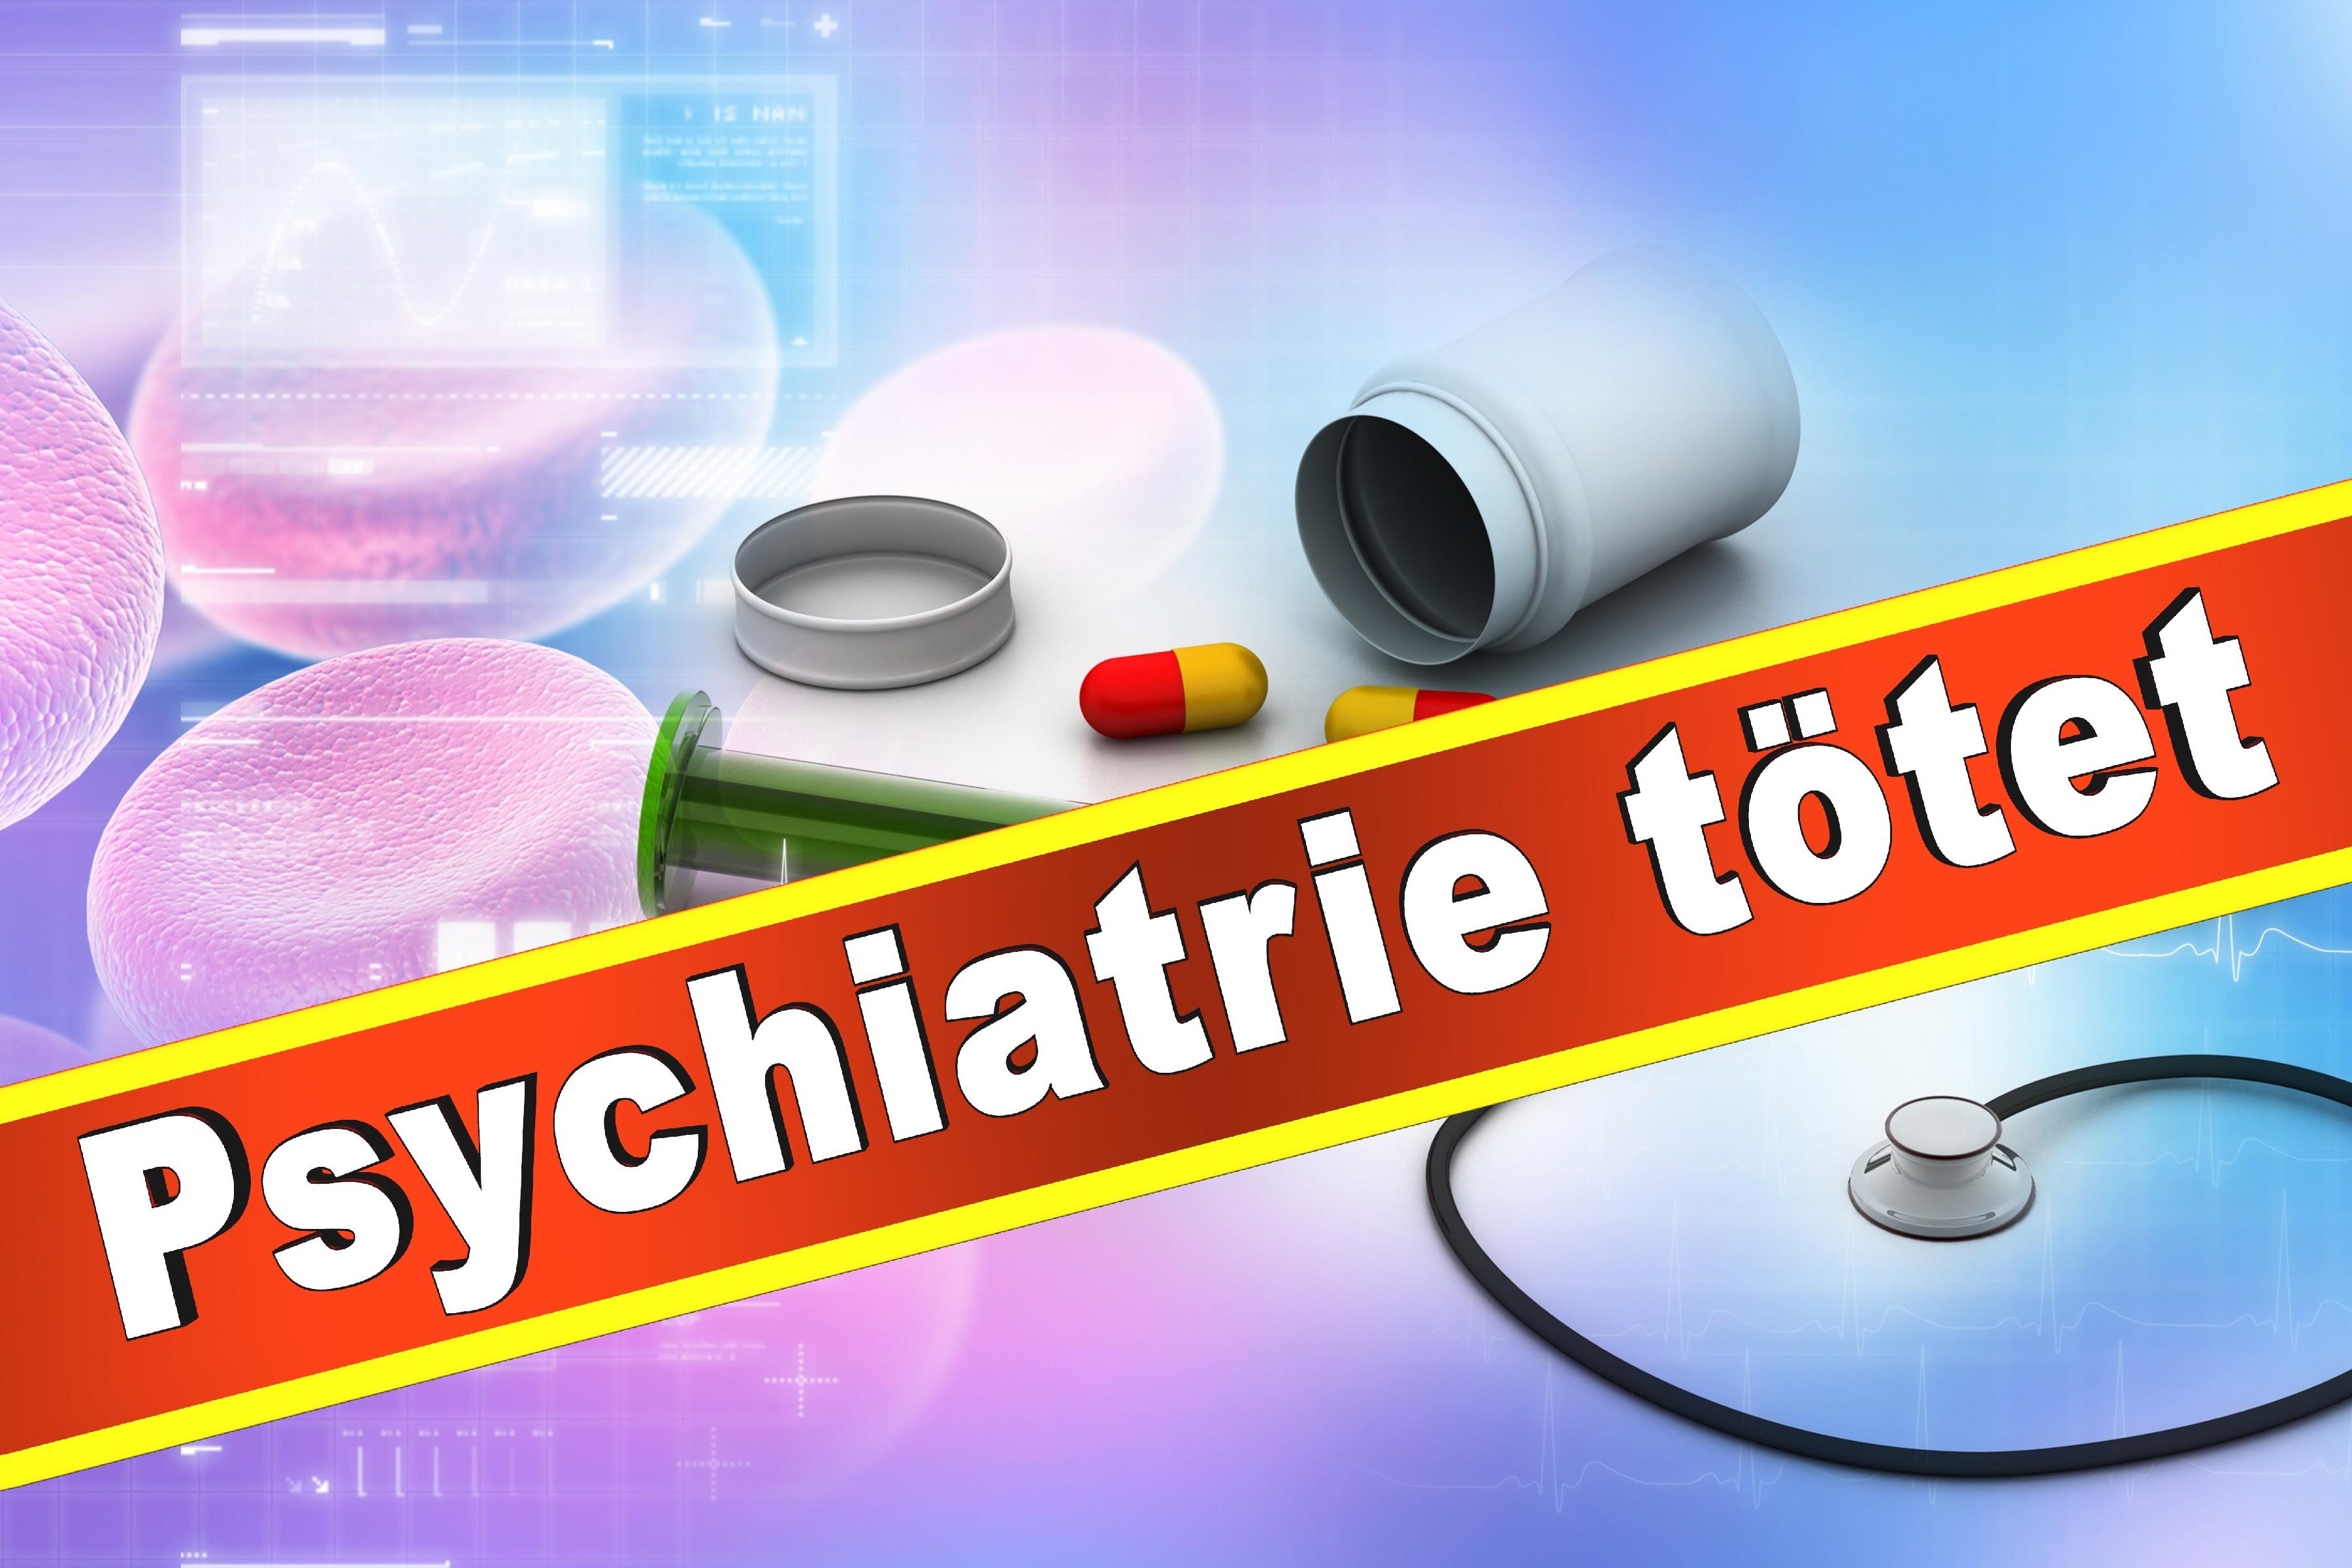 Wielant Machleidt Psychiater Psychotherapeut Professor Praxis Der Interkulturellen Psychiatrie Und Psychotherapie (11)